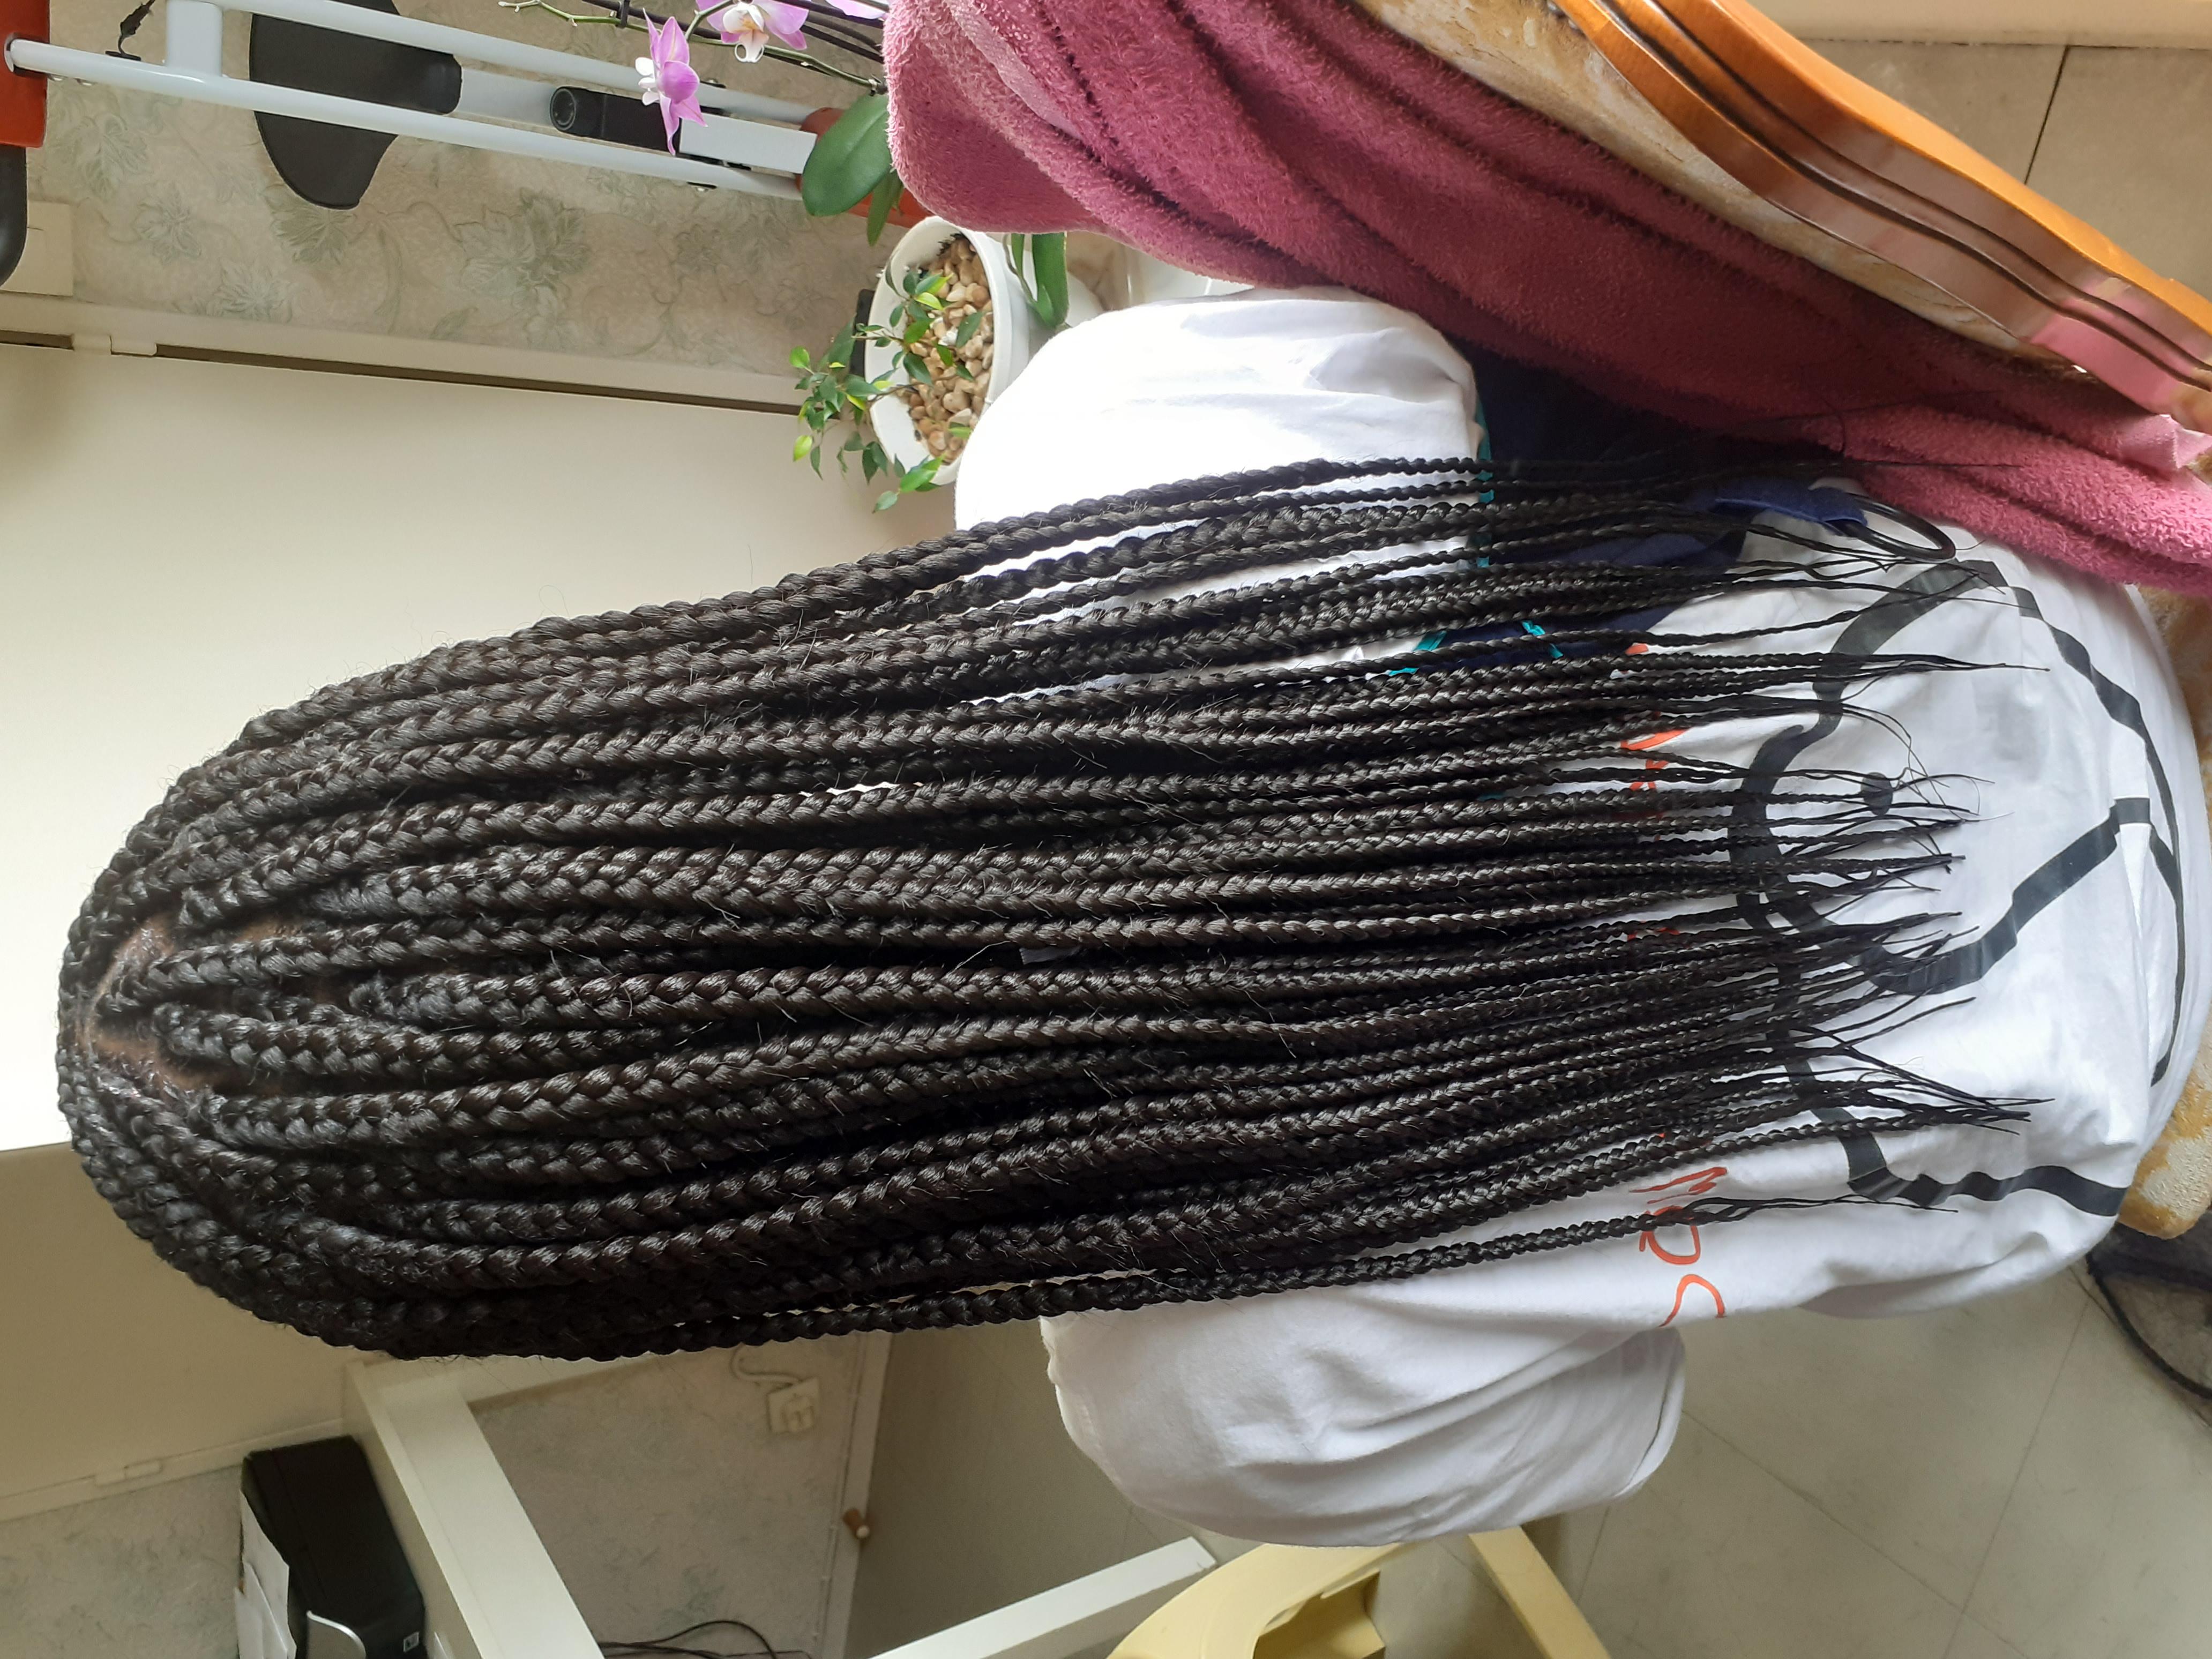 salon de coiffure afro tresse tresses box braids crochet braids vanilles tissages paris 75 77 78 91 92 93 94 95 GIBEAPAG